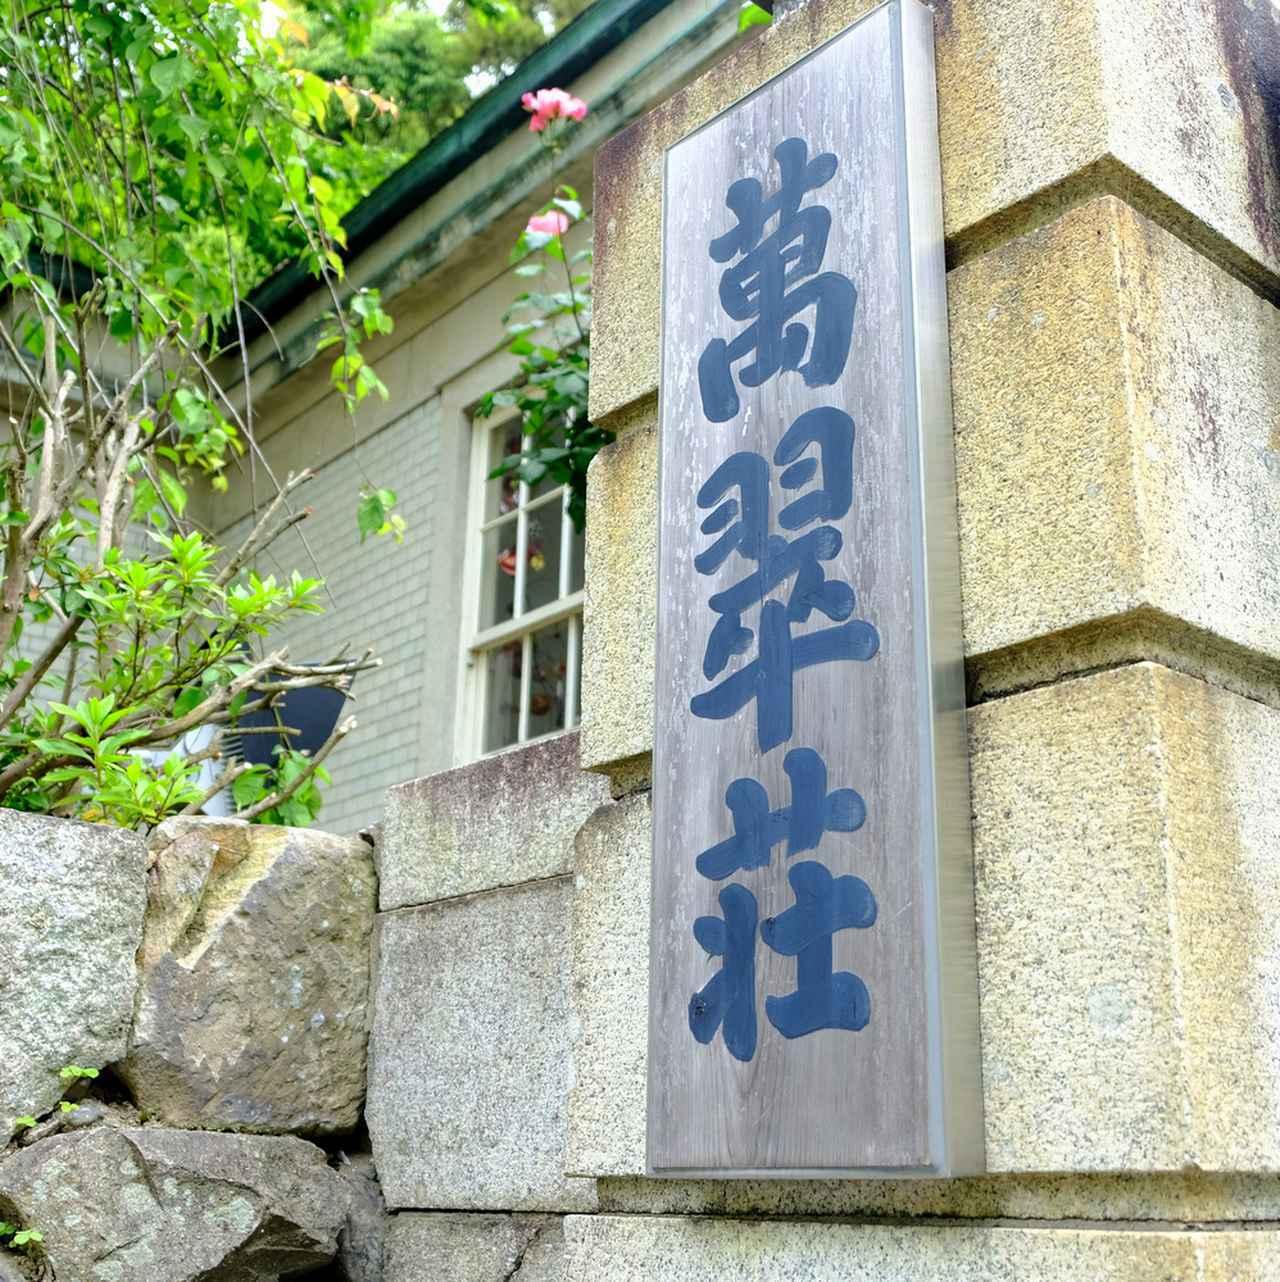 画像: 松山藩主であった久松家は当初「松平」を名乗っていましたが、明治時代以降は名前を「久松」としました。ここはその久松家の別邸で、現在は重要文化財に指定されています。